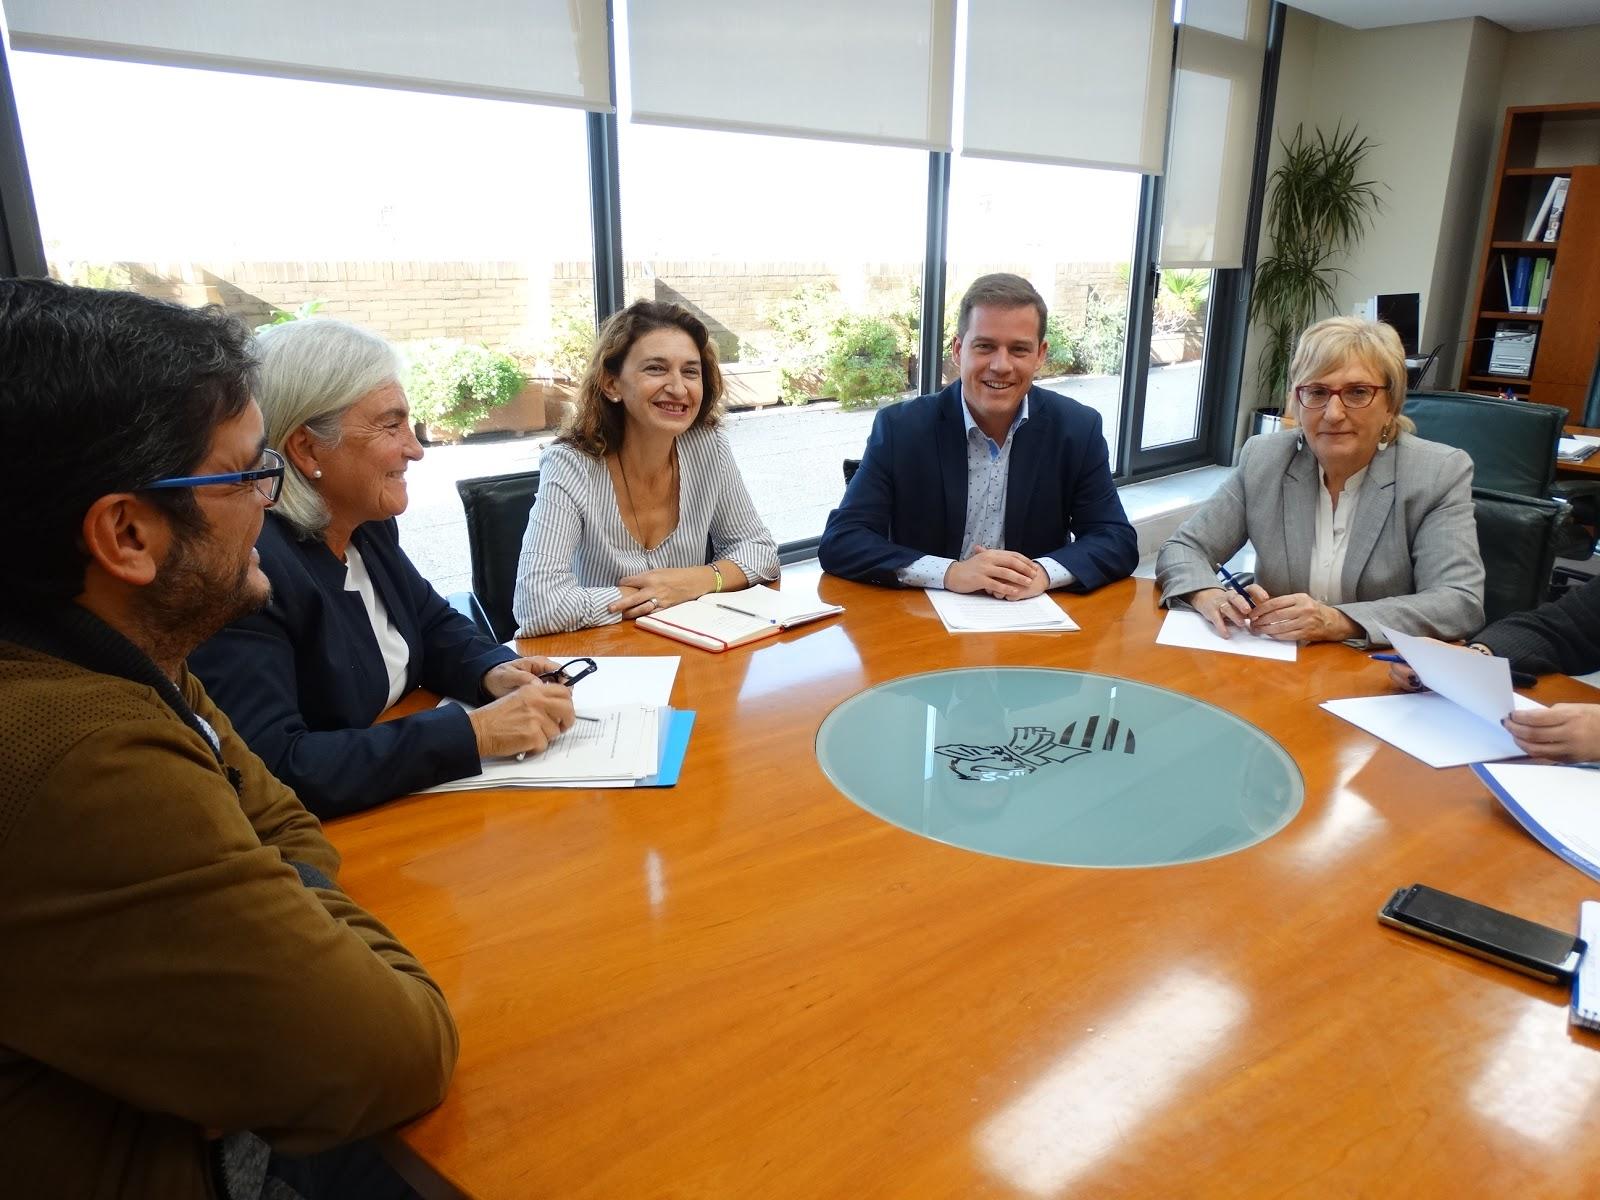 Calendario Laboral Xativa 2020.Noticias De Xativa Y Sus Comarcas El Blog De Un Locutor